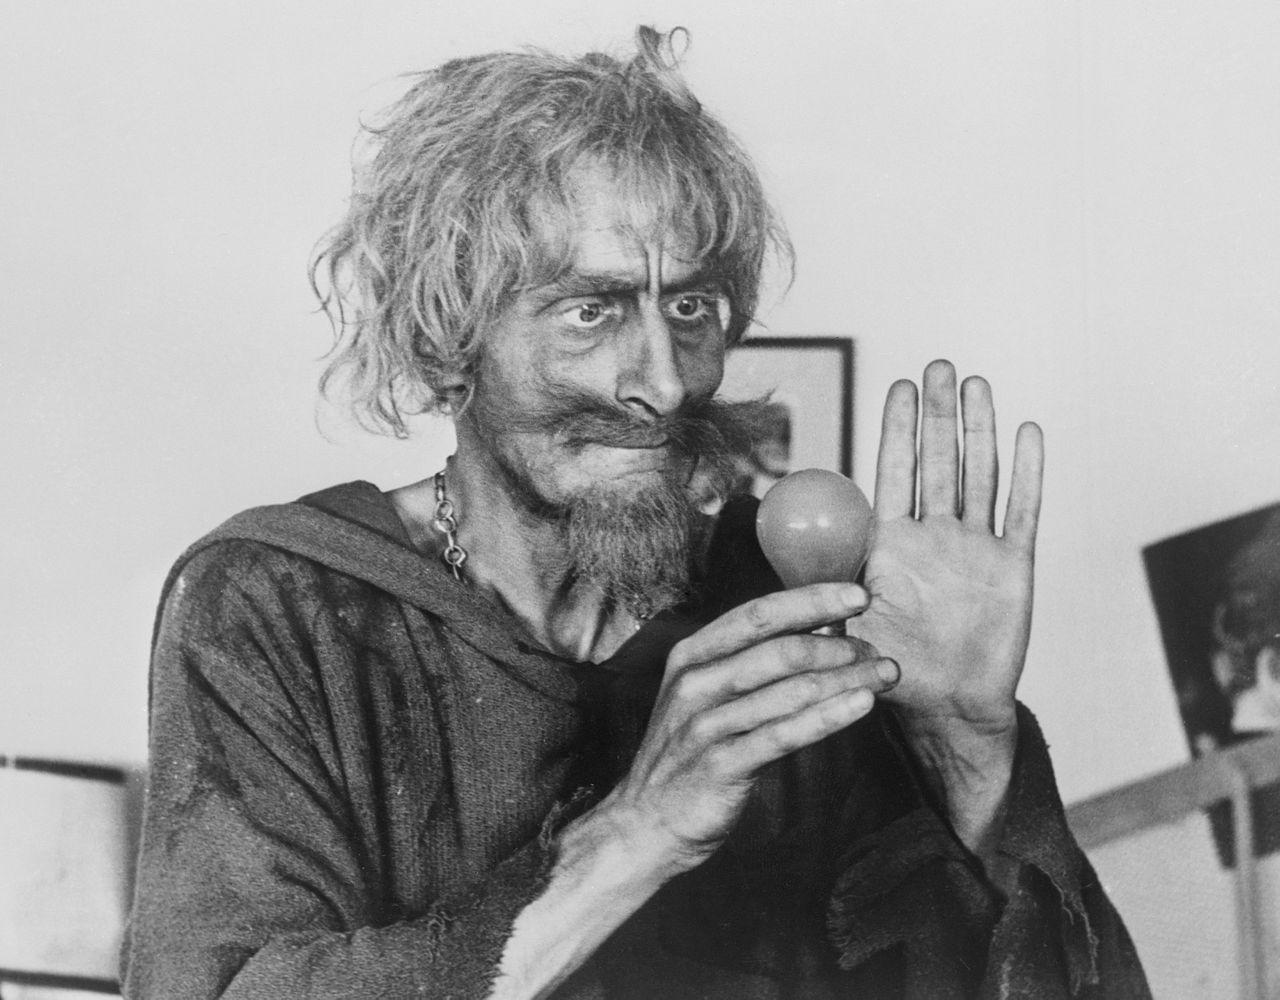 Geoffrey Bayldon in zijn rol als de tovenaar in de serie Catweazle.